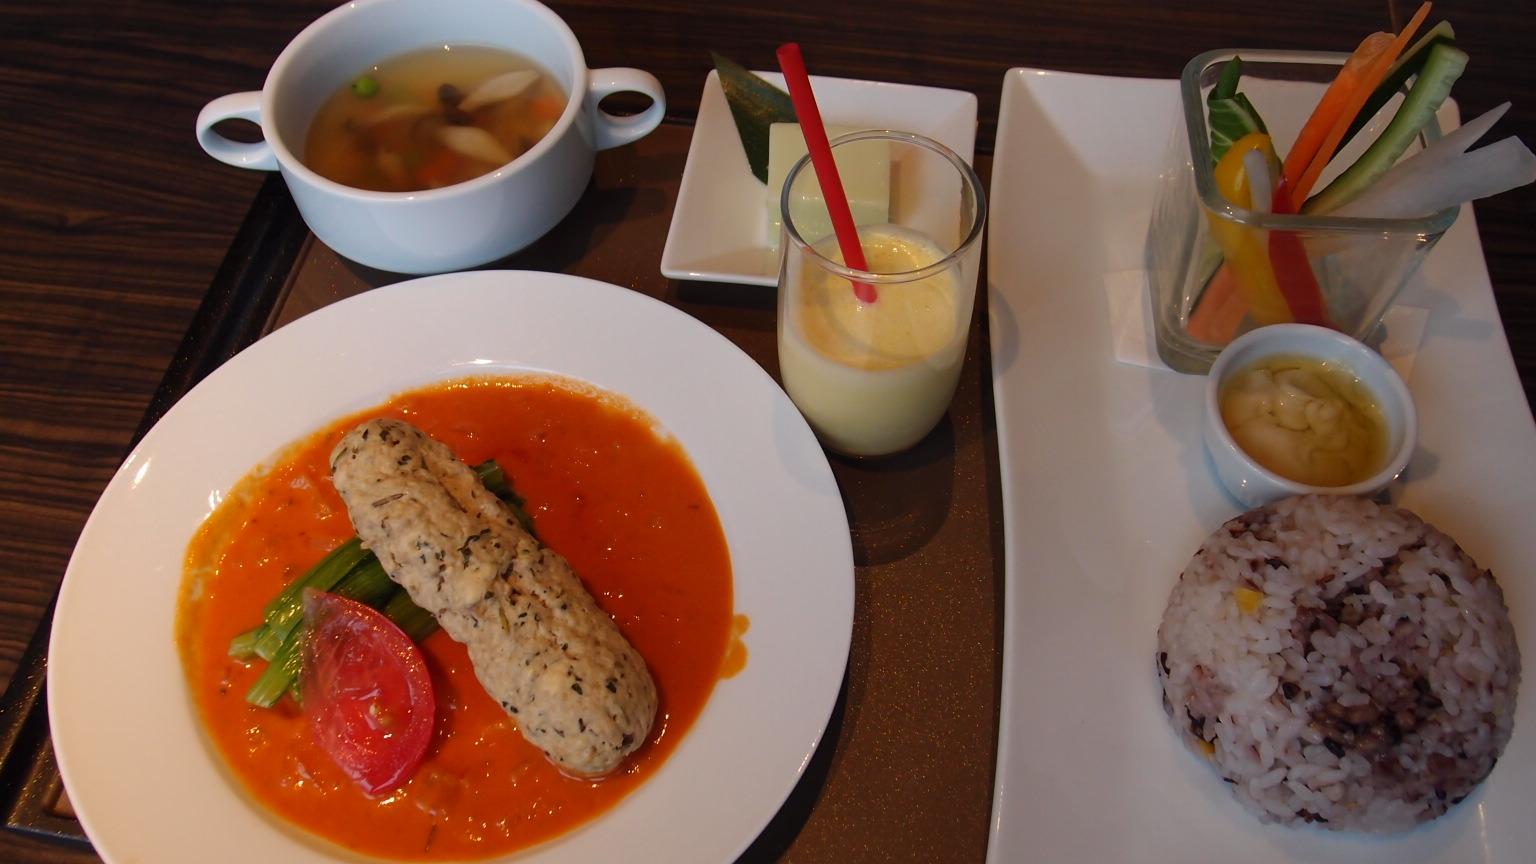 銀座 菜のHana 健康美食ランチ